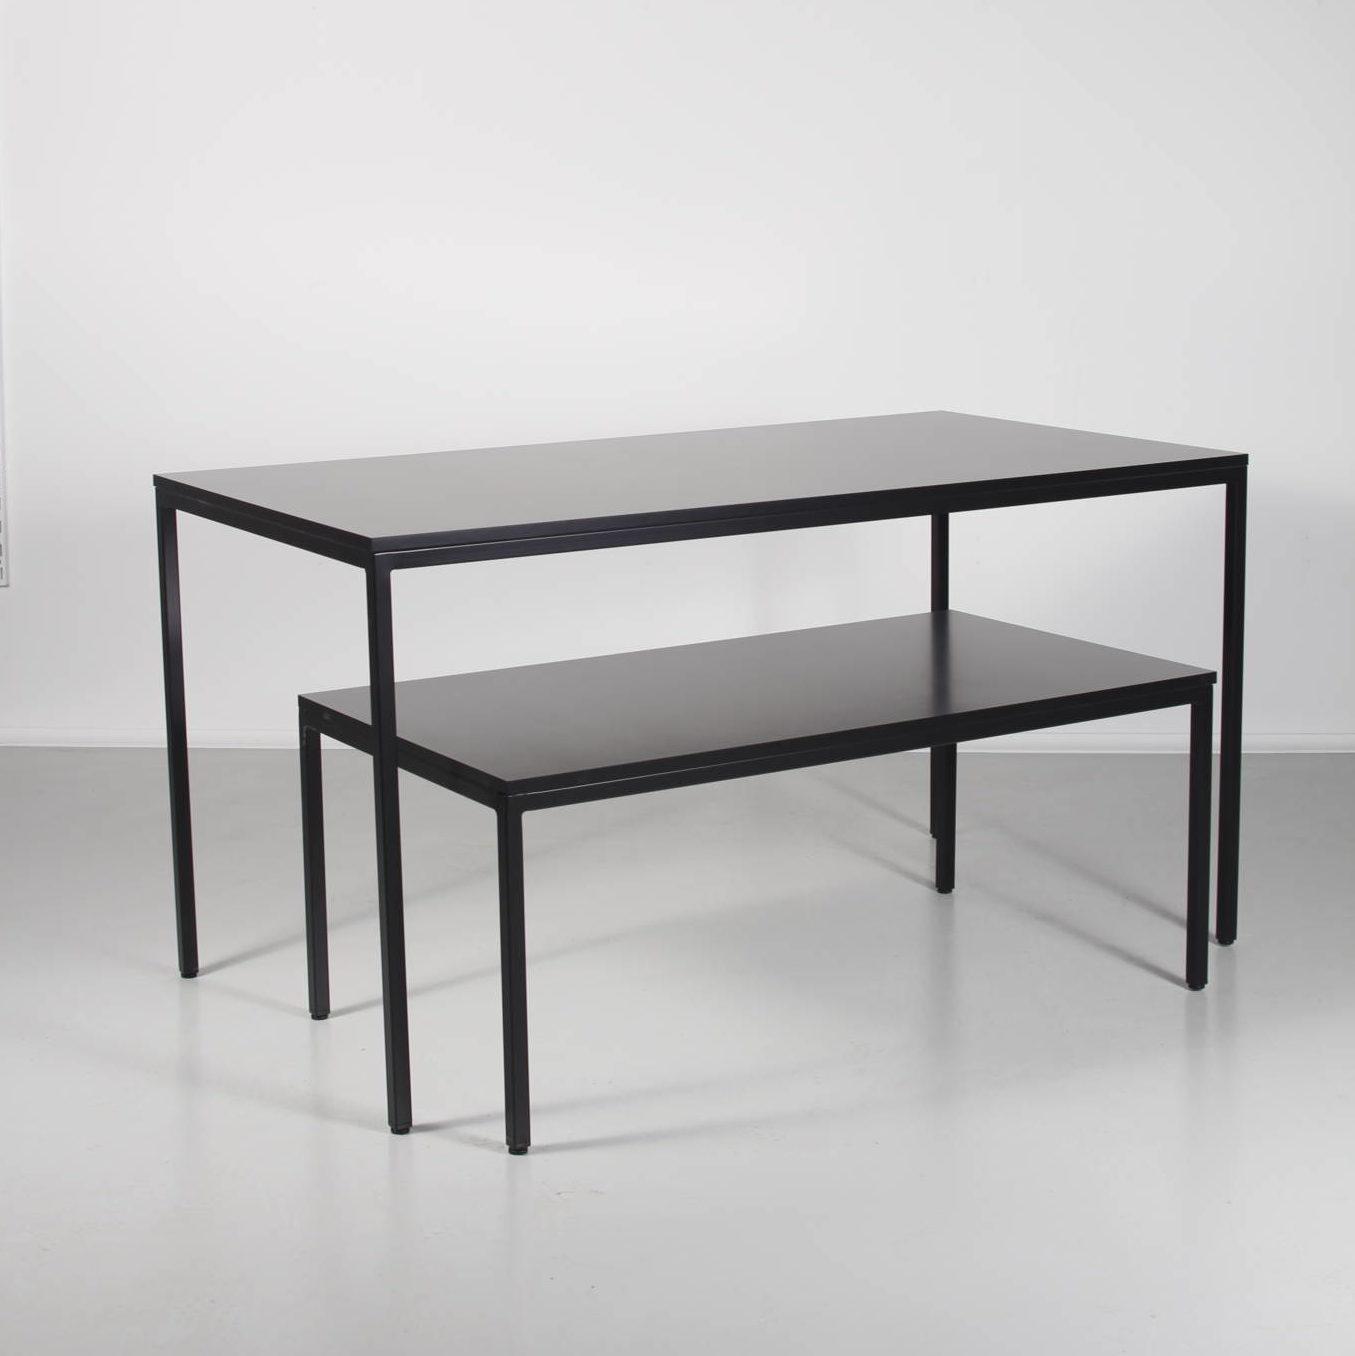 Salgsborde billigt i hvid eller sort